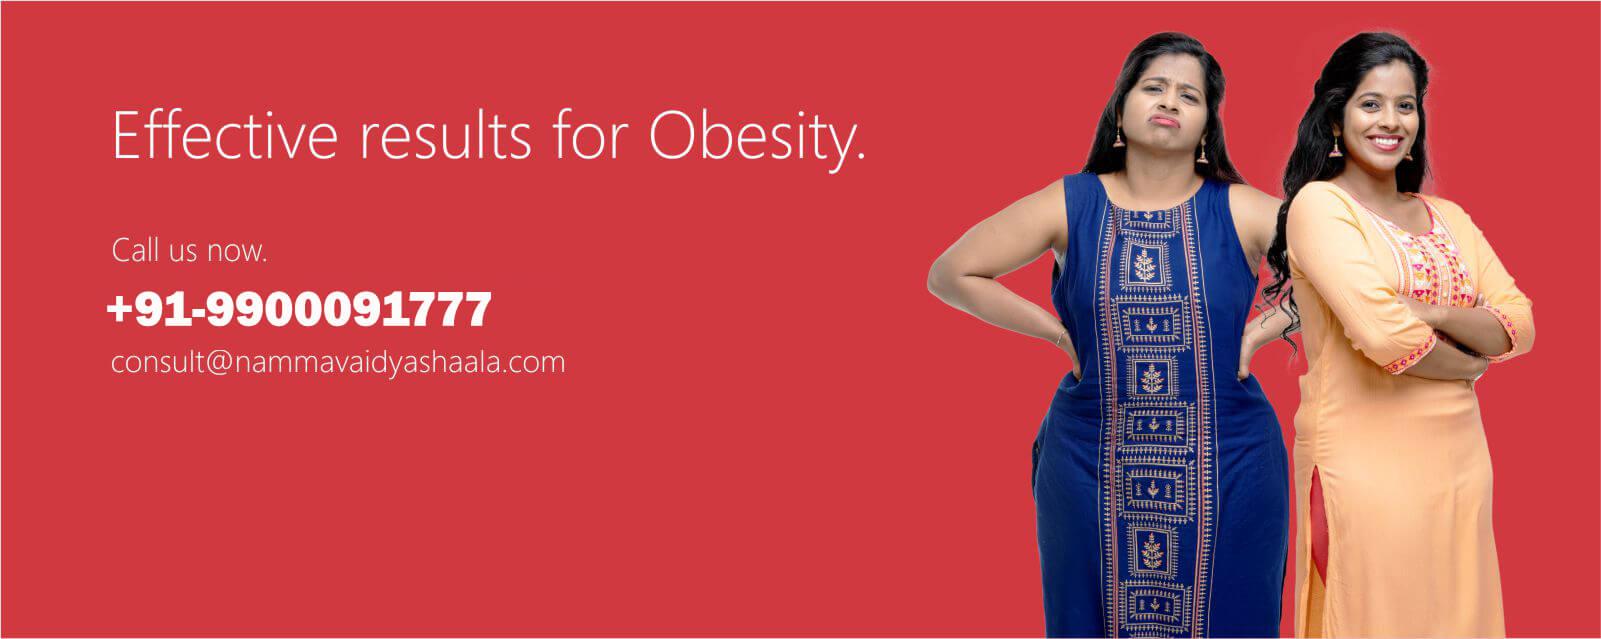 Namma-Vaidyashaala-obesity